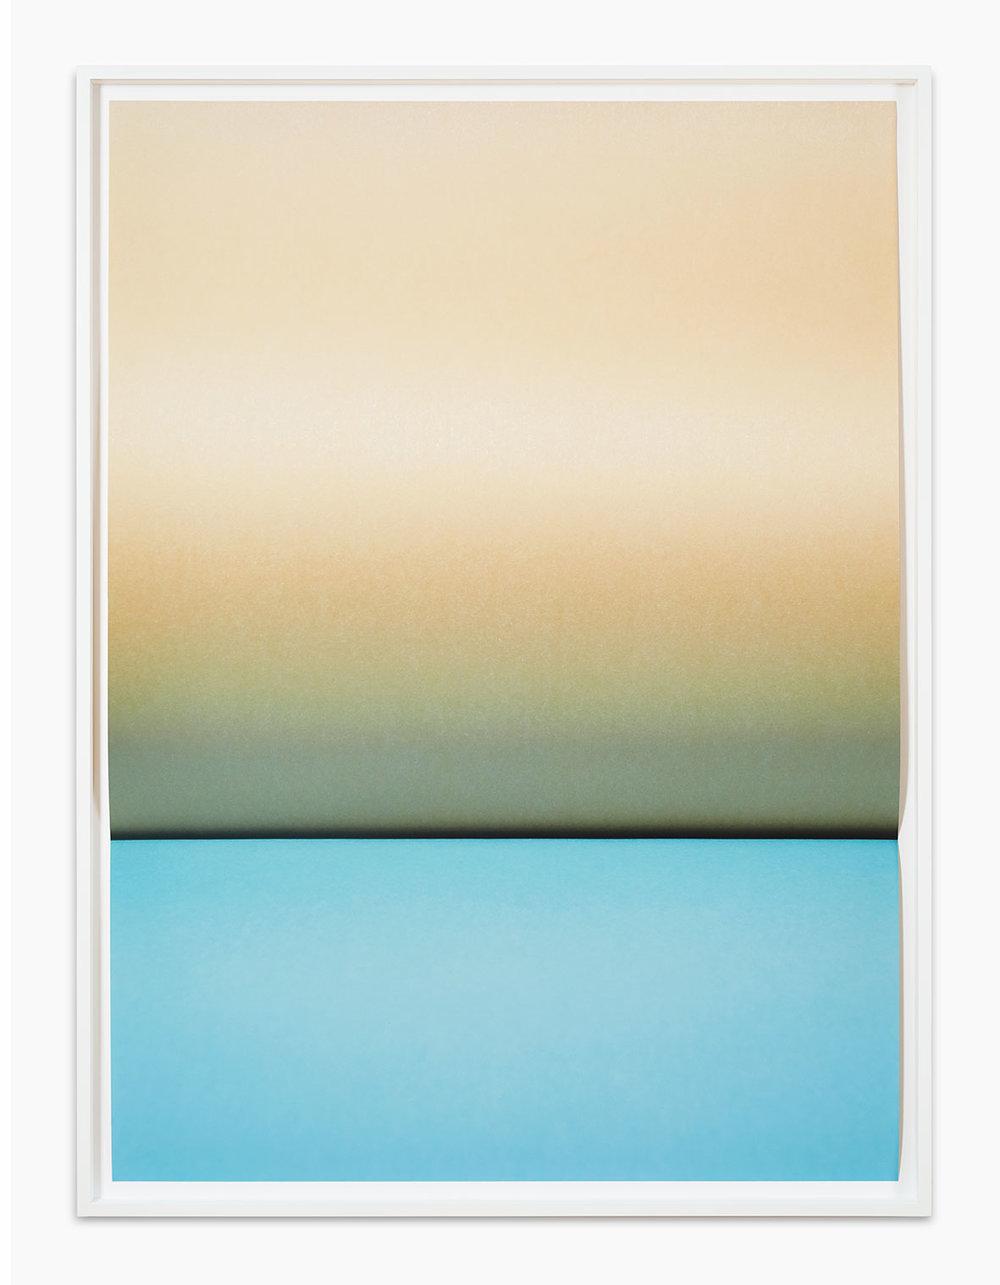 Johanna von Monkiewitsch Ohne Titel (15.04.2015/12:55/Köln) 2016  Fotografie Pigmentdruck auf Papier 308 g 168 x 125 cm  unique work